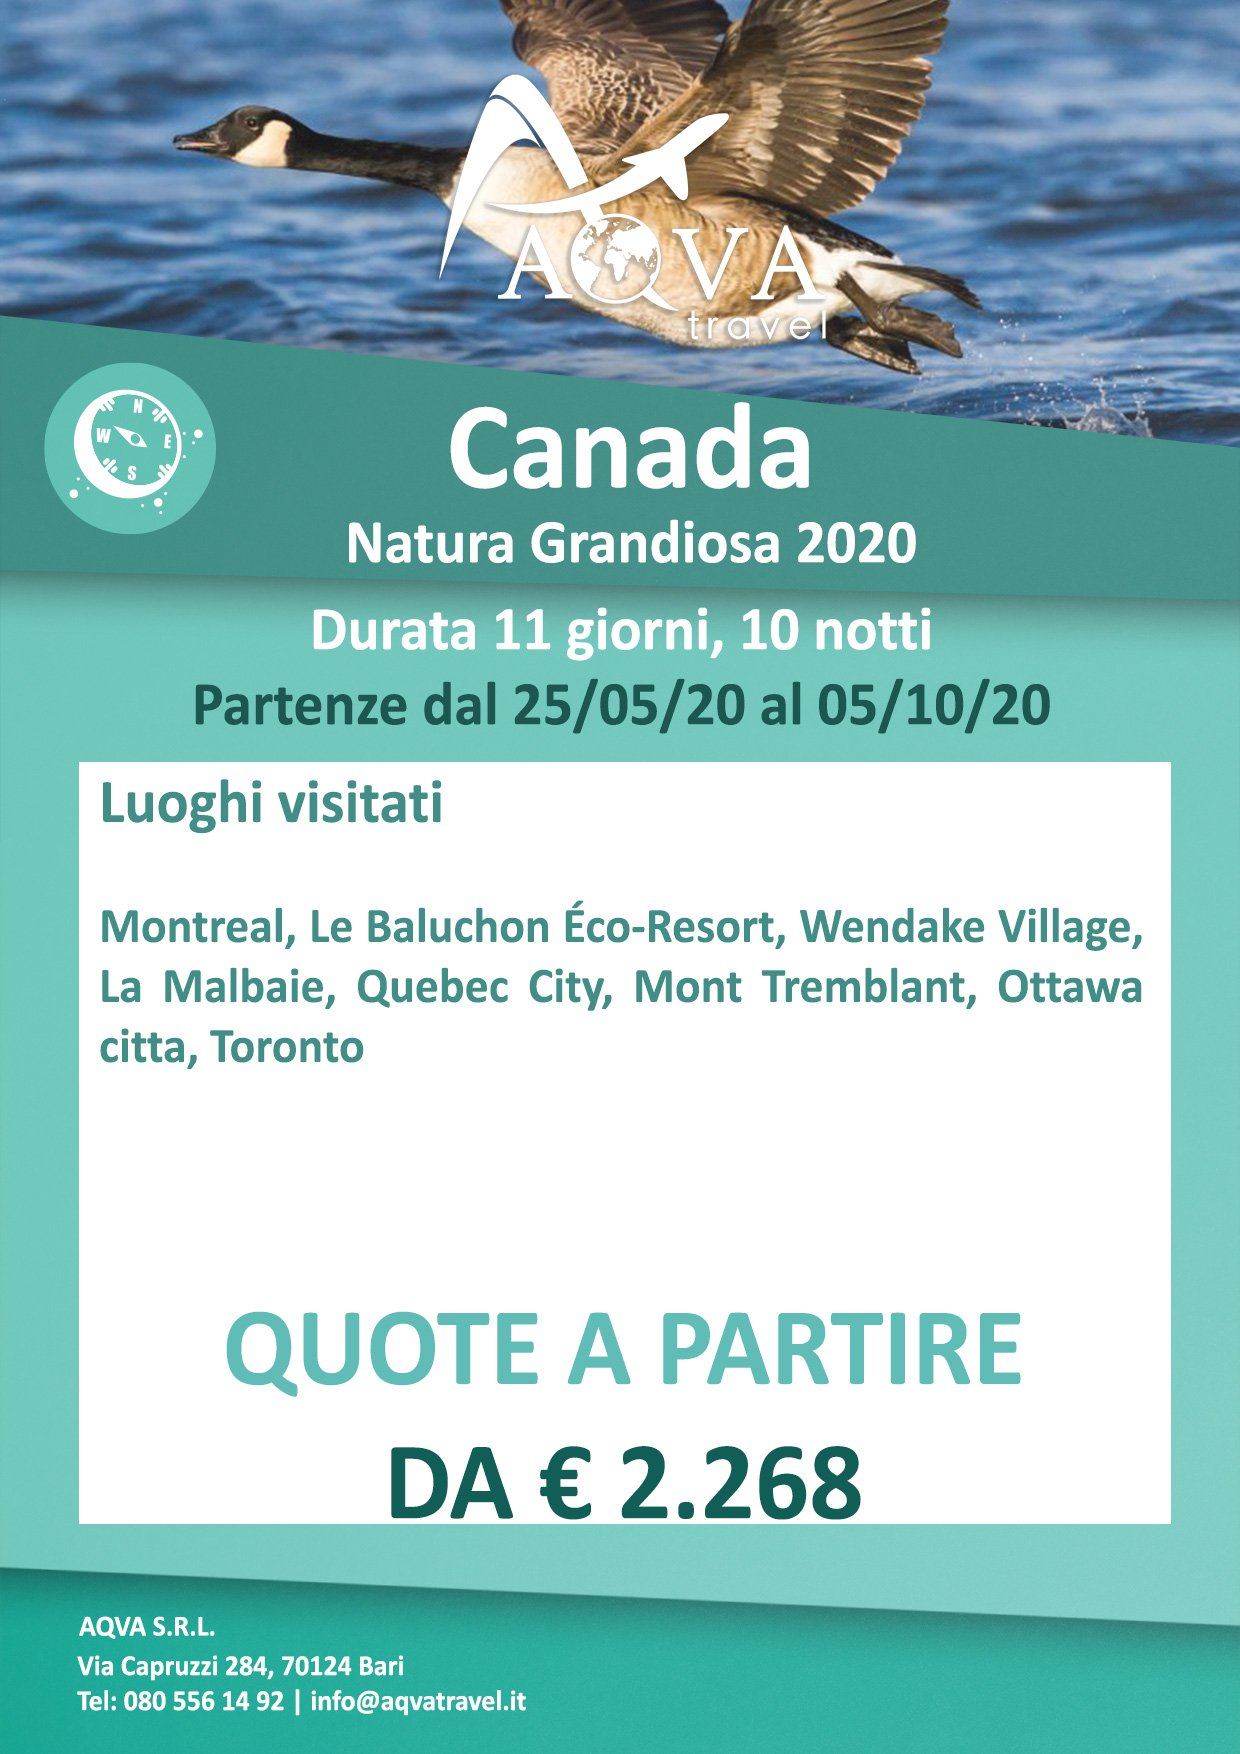 Canada-natura-Grandiosa-offerte-agenzia-di-viaggi-Bari-AQVATRAVEL-it